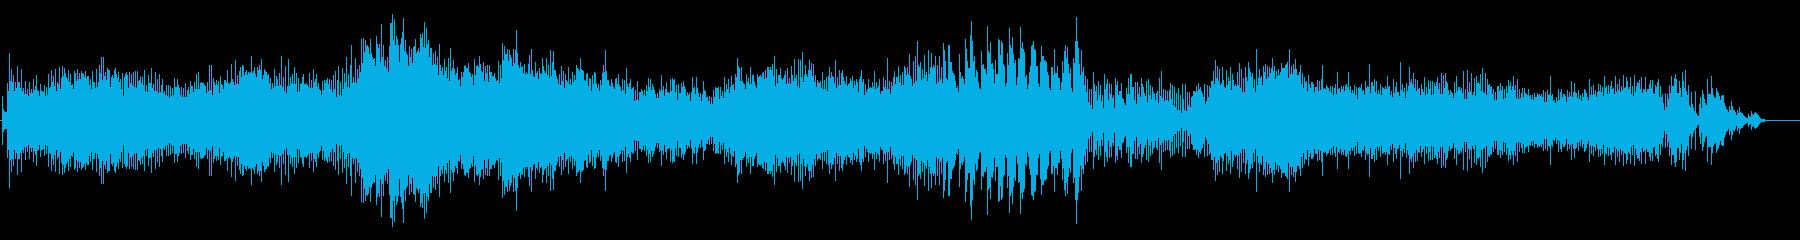 ショパン エチュード Op.10-10の再生済みの波形